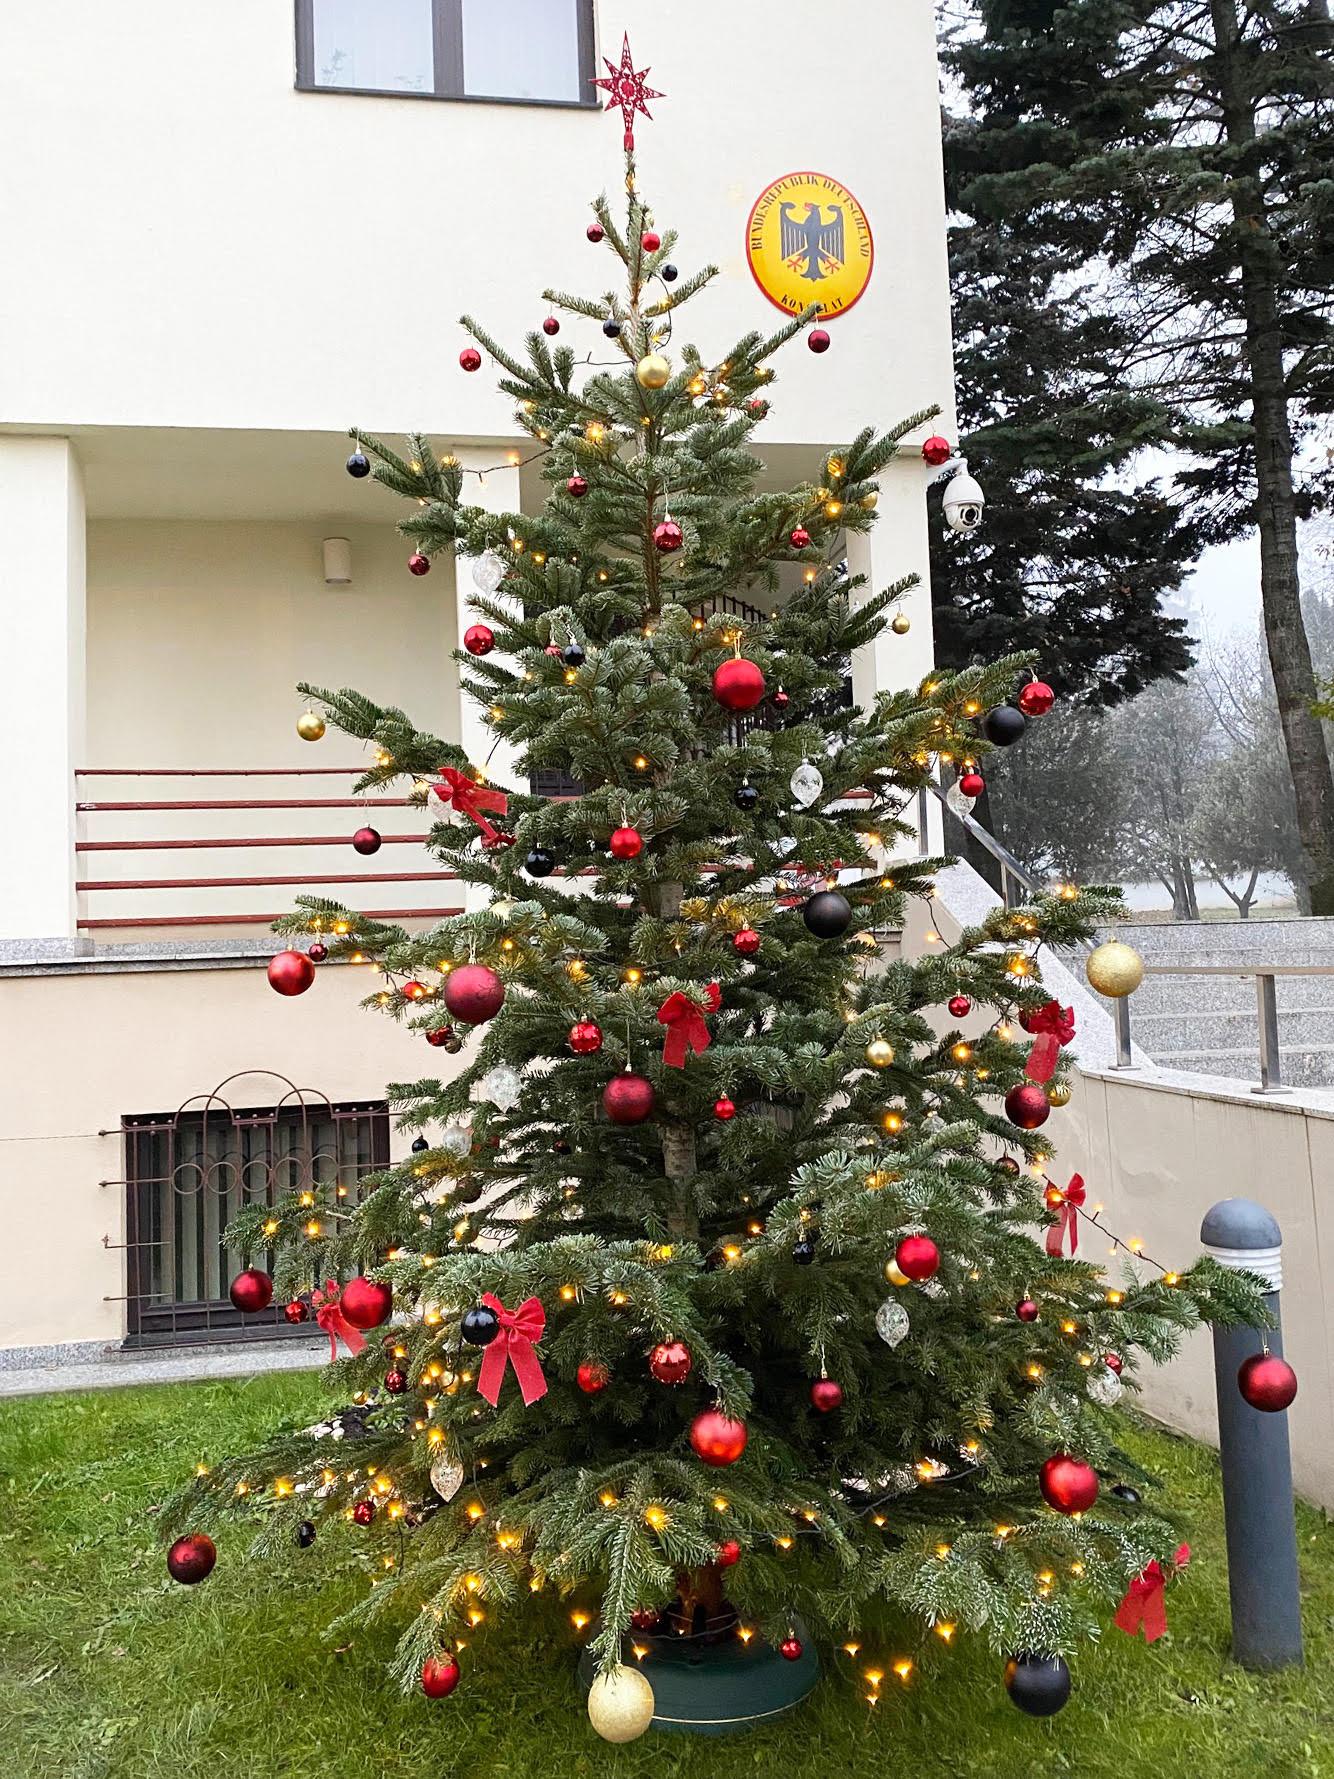 Să ne bucurăm cu toţii cât mai repede de vaccin – Mesajul Consulului Germaniei Hans E. Tischler înainte de Crăciun